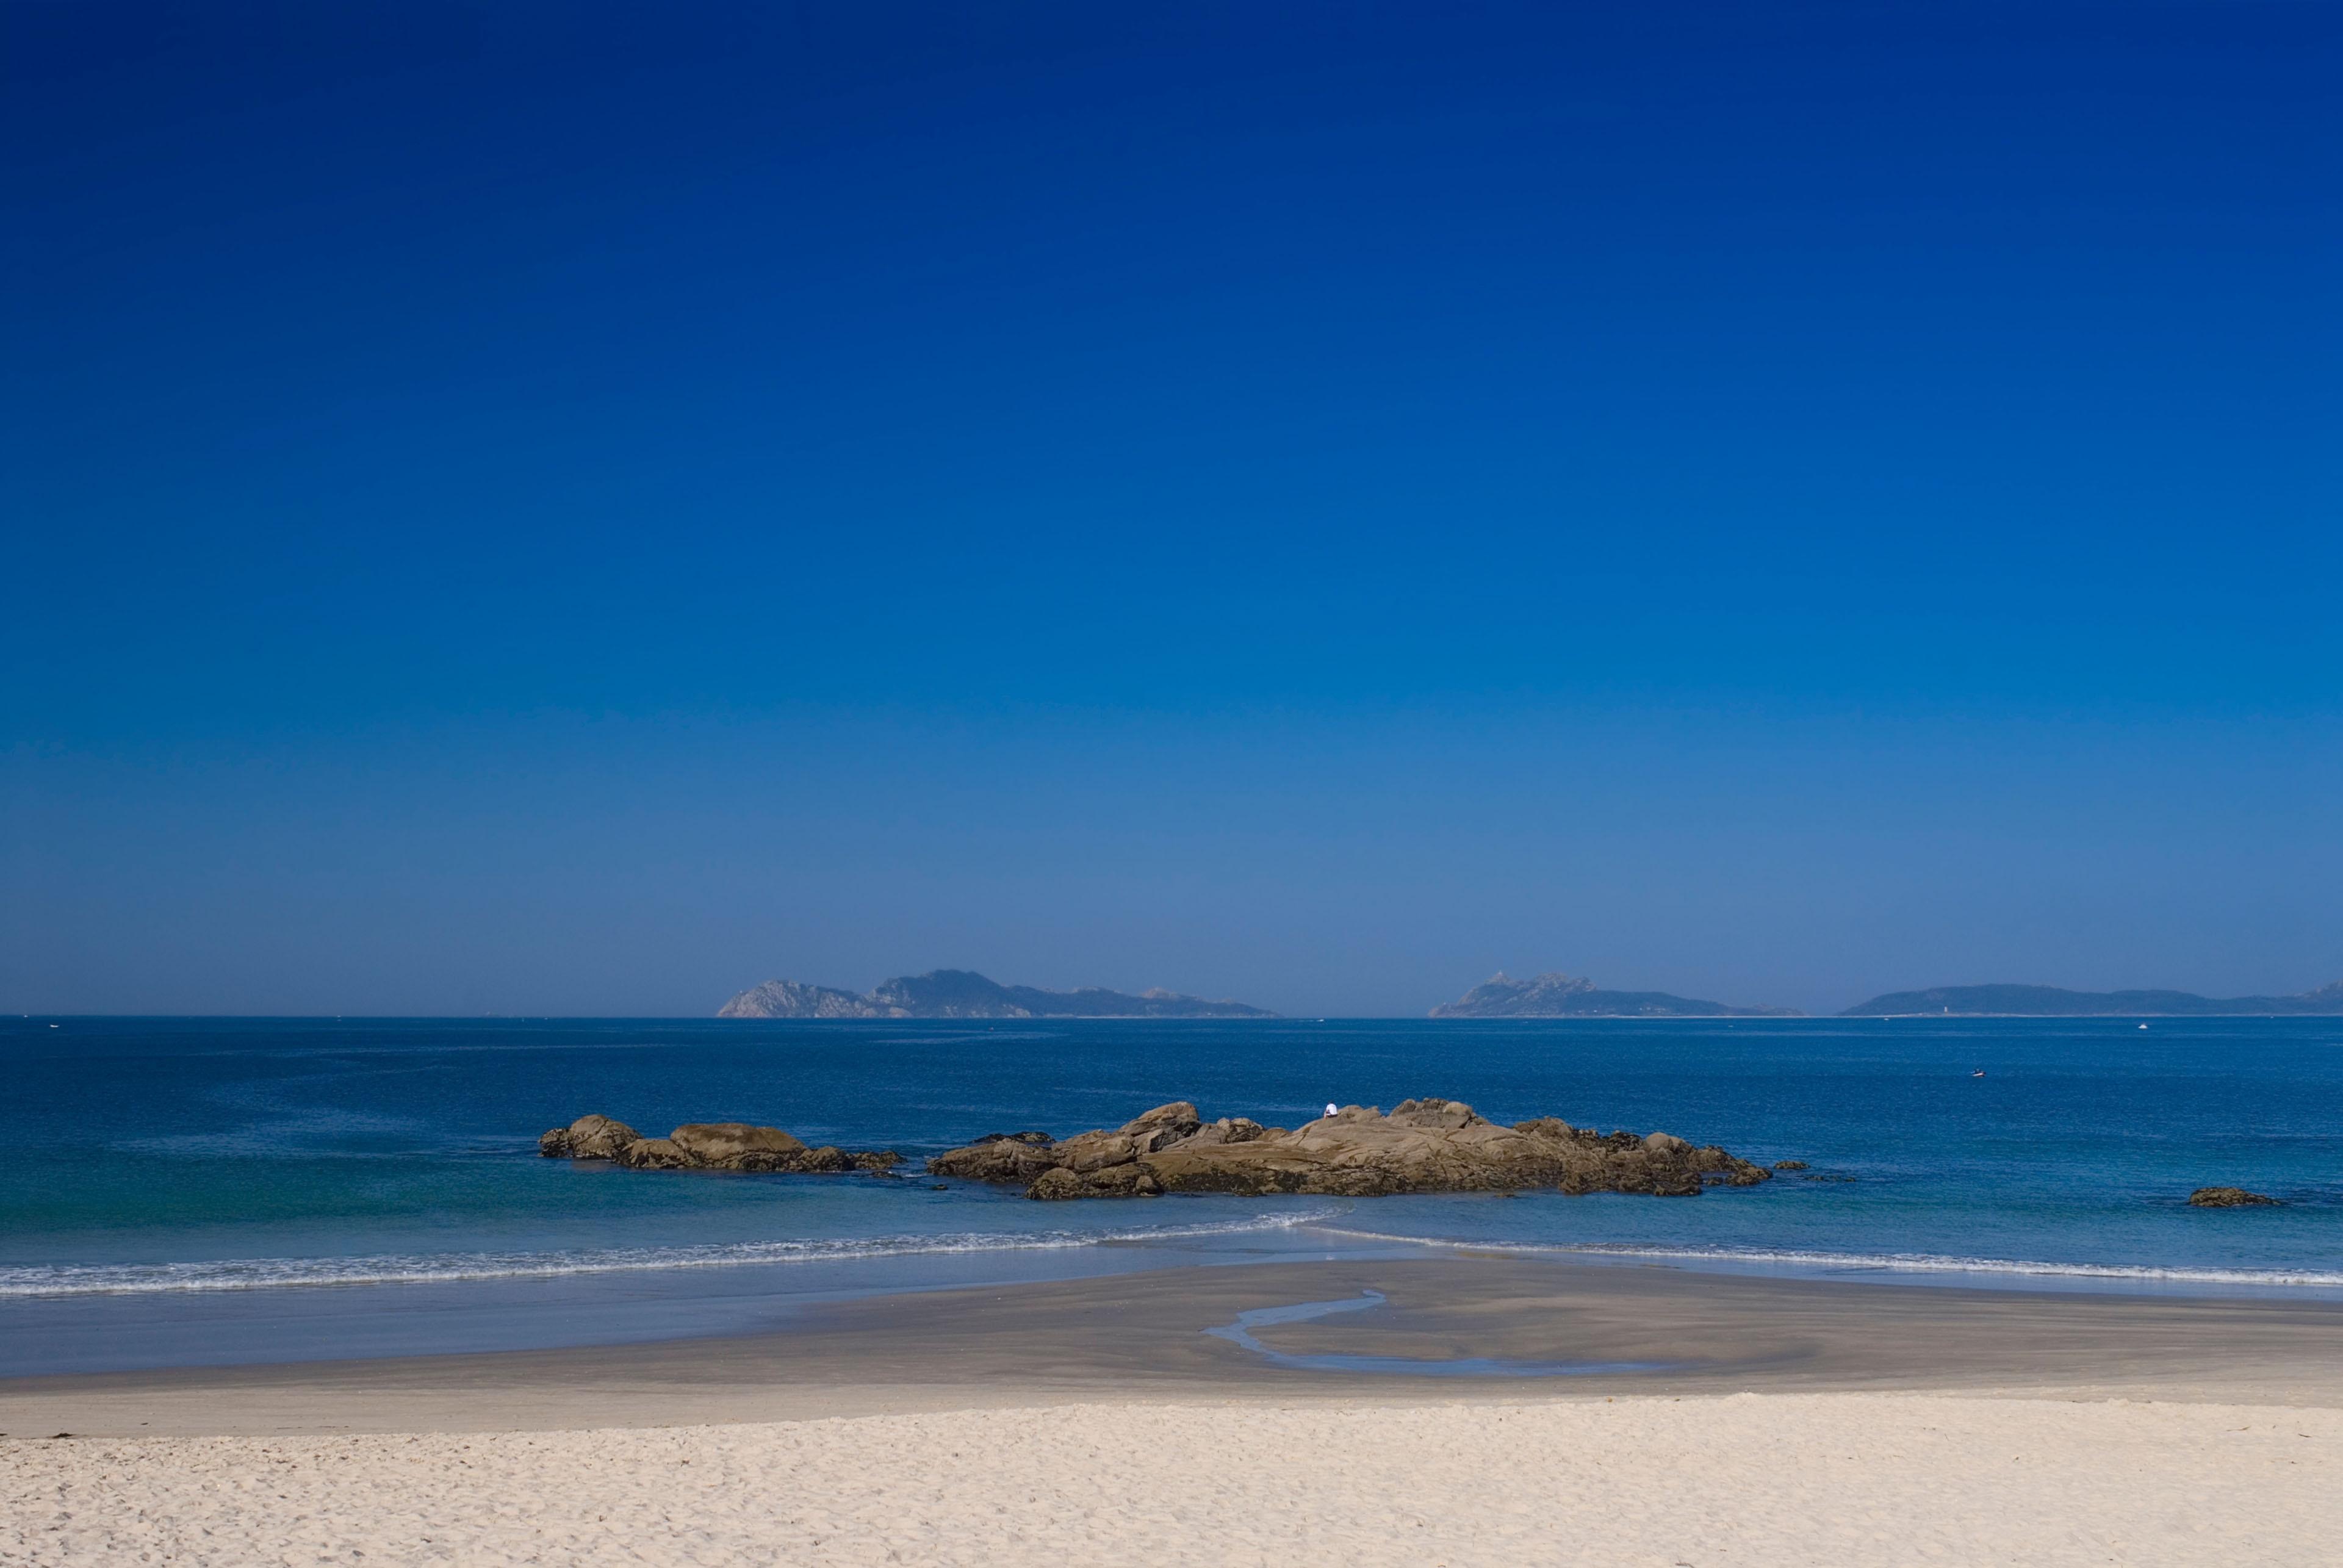 Strand von Samil, Vigo, Galizien, Spanien